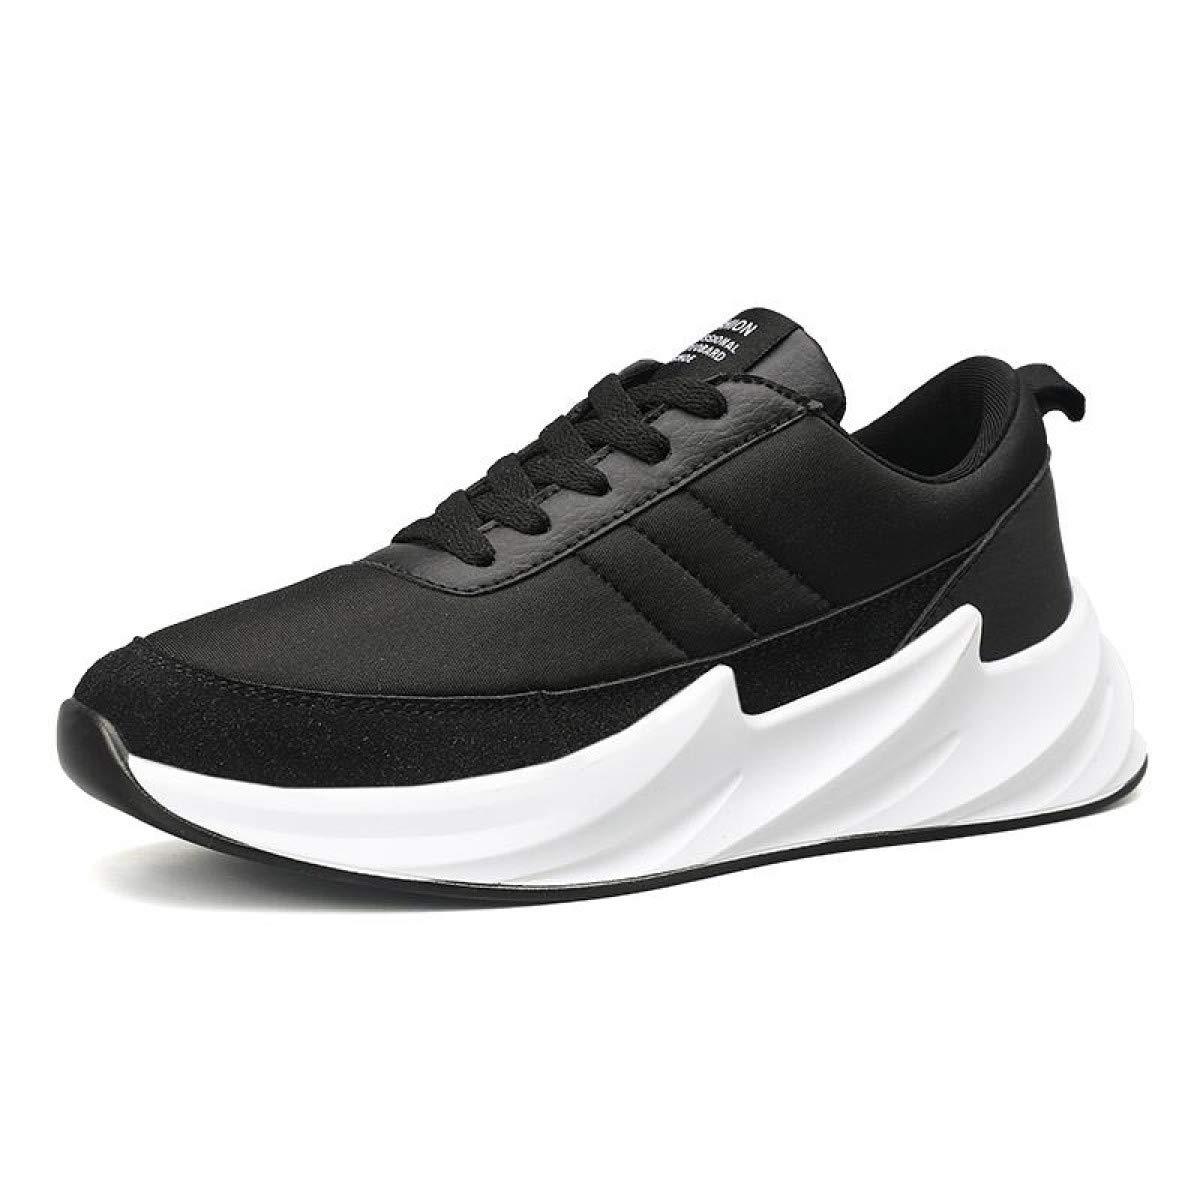 Amazon.com: BIG LION Summer Men Mesh Shoes Bebe Shoes Thick ...